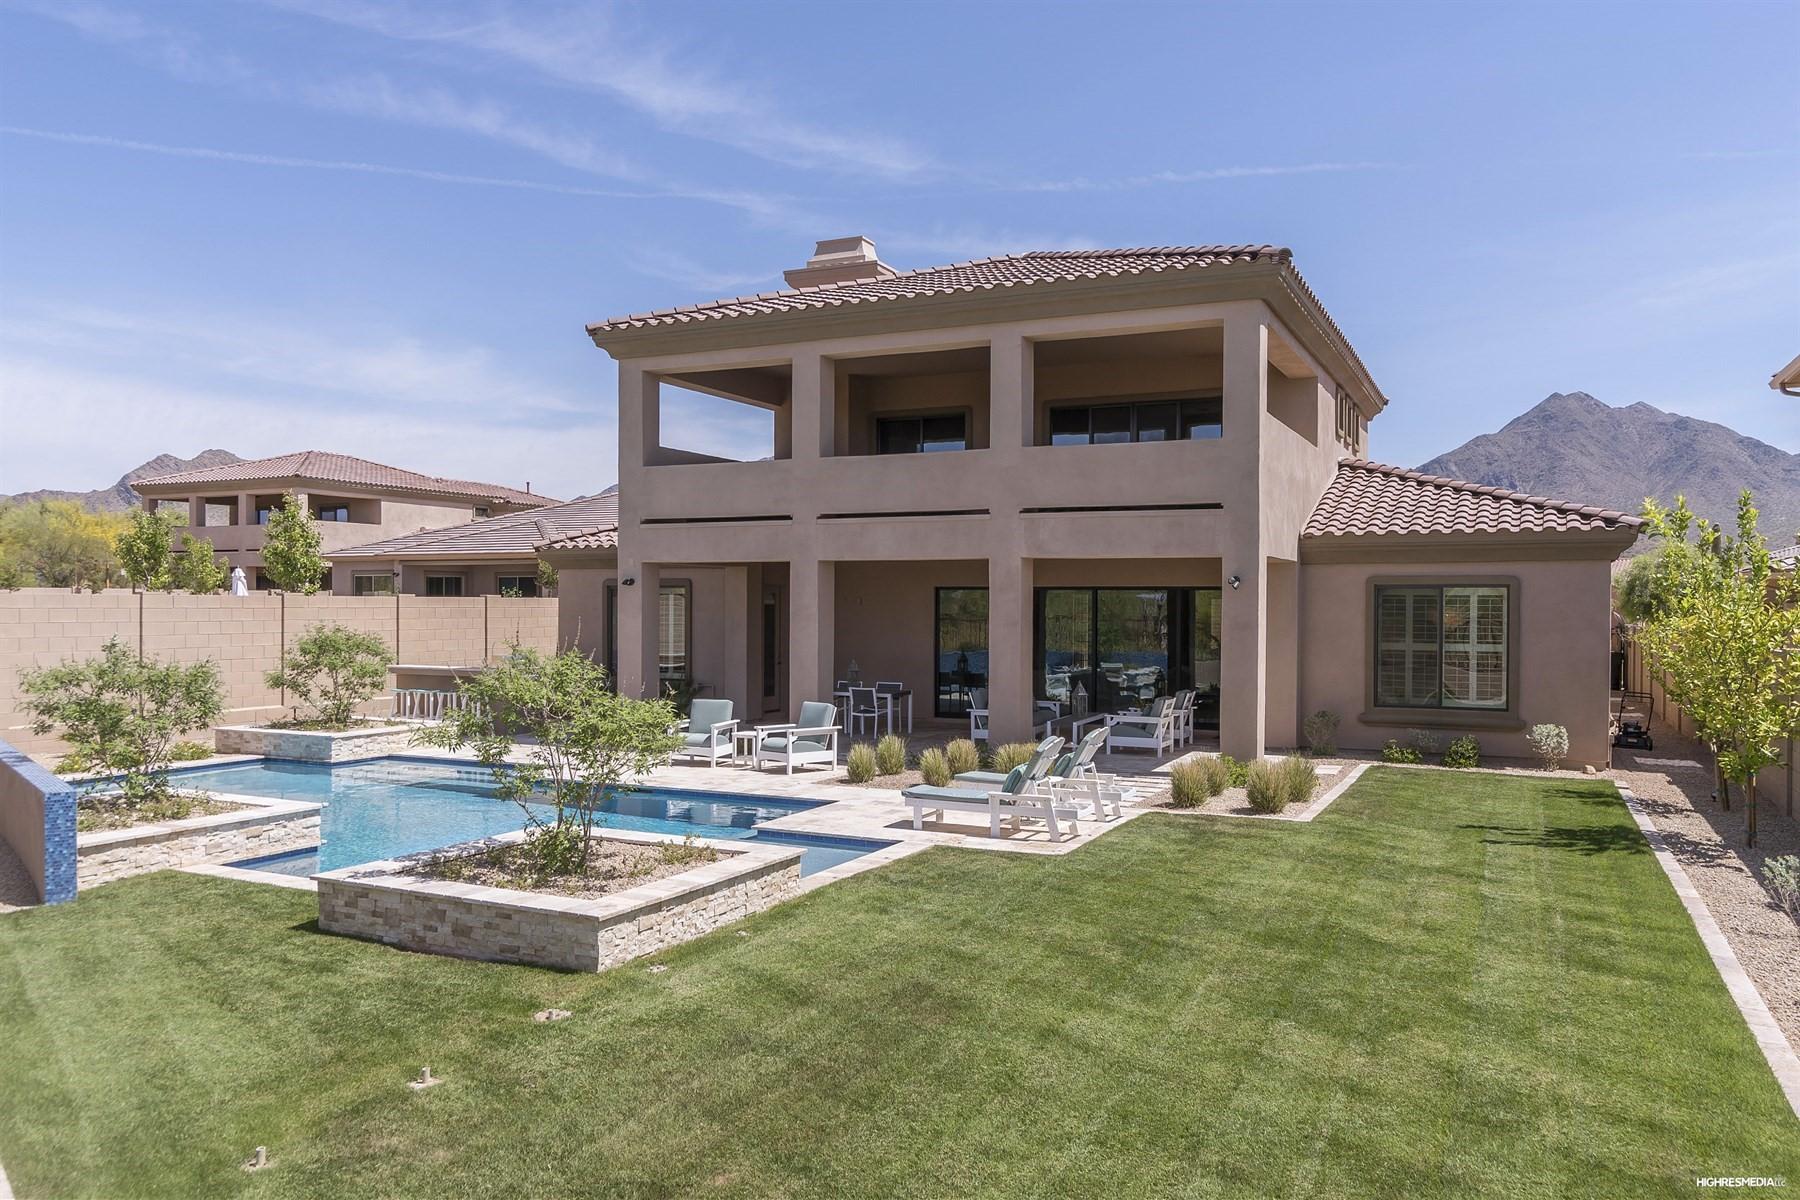 Maison unifamiliale pour l Vente à Gorgeous two story home with glorious views 18510 N 96th Way Scottsdale, Arizona, 85255 États-Unis